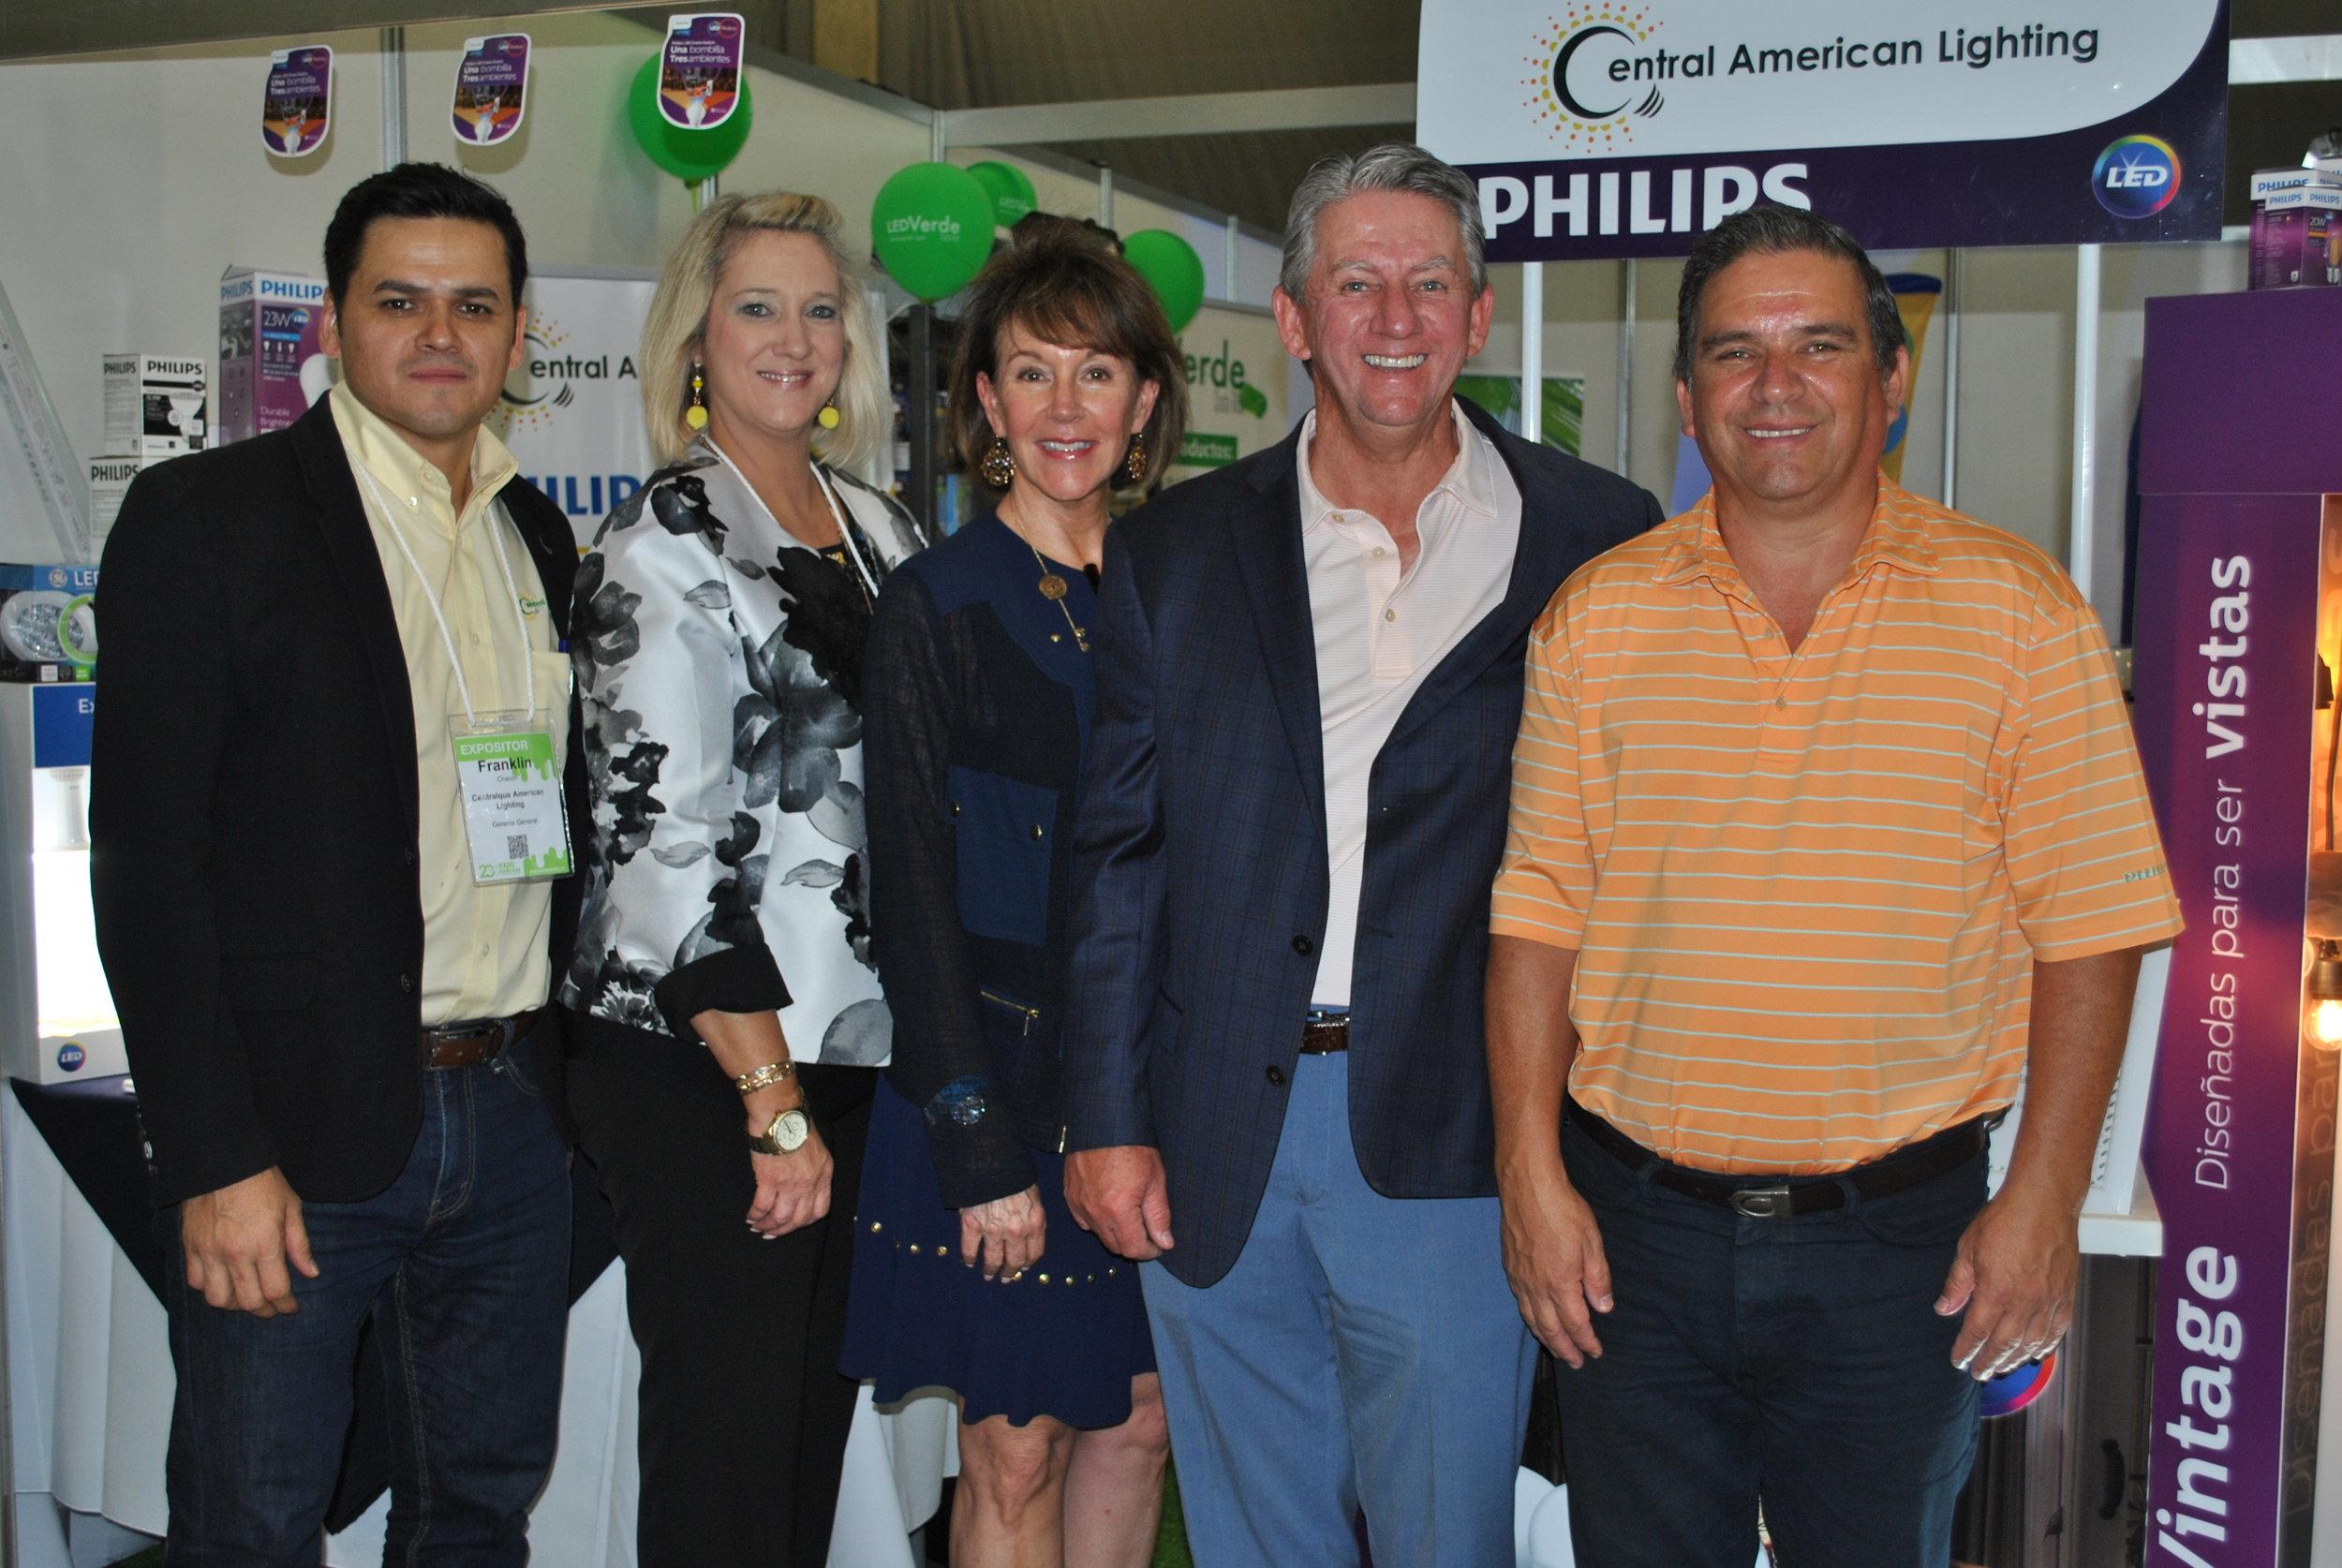 El equipo de Central American Lighting: Franklin Chacón, Gerente General; Leah Ray, Vicepresidente; Julie Bailey, Co-propietaria; David Bailey, Presidente; Marvin Rivera, Gerente Comercial.